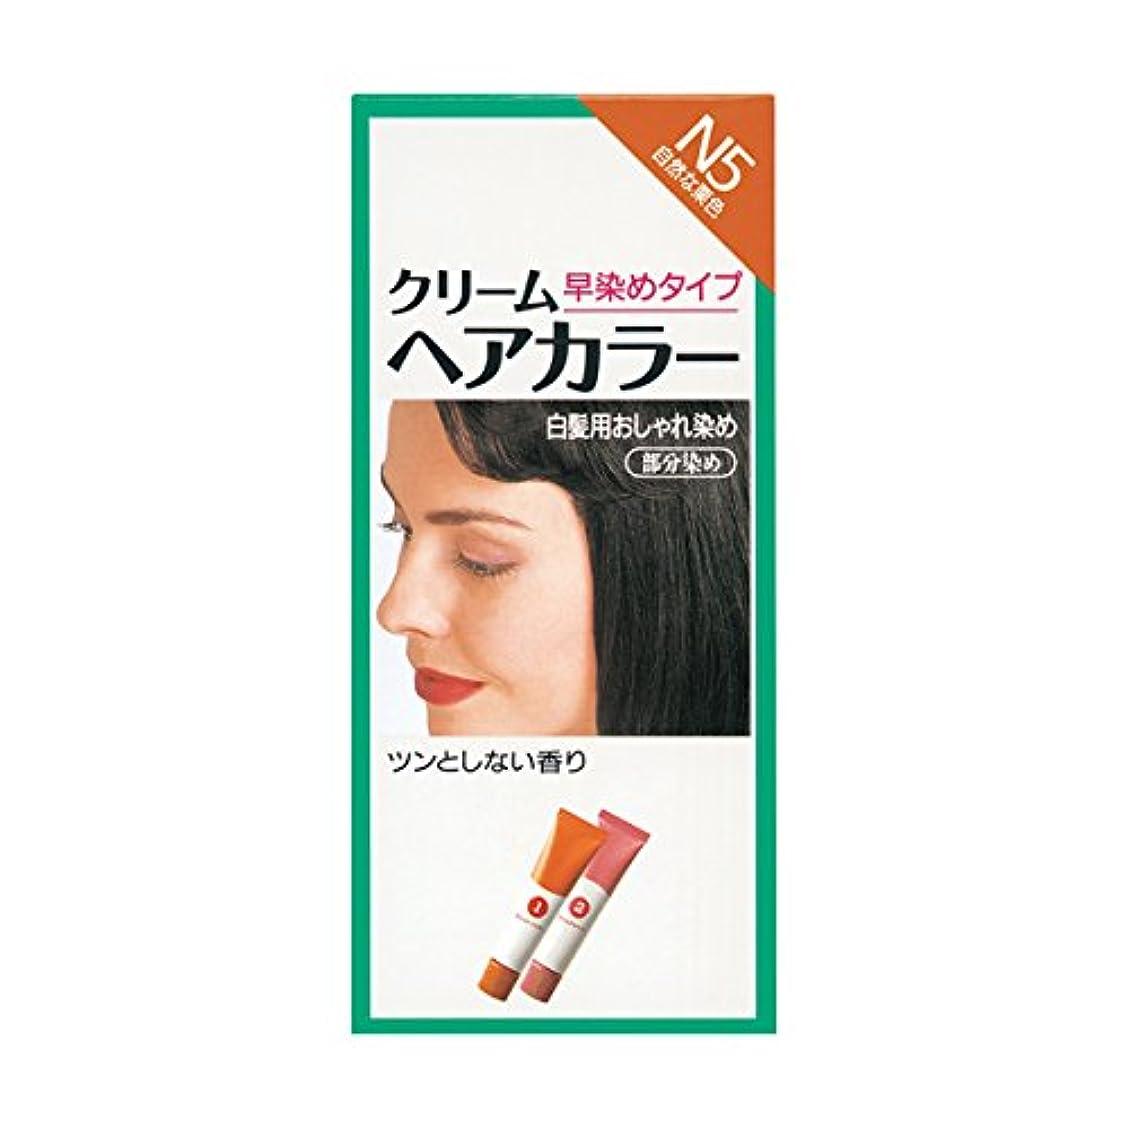 ライオンチューブ独立したヘアカラー クリームヘアカラーN N5 【医薬部外品】